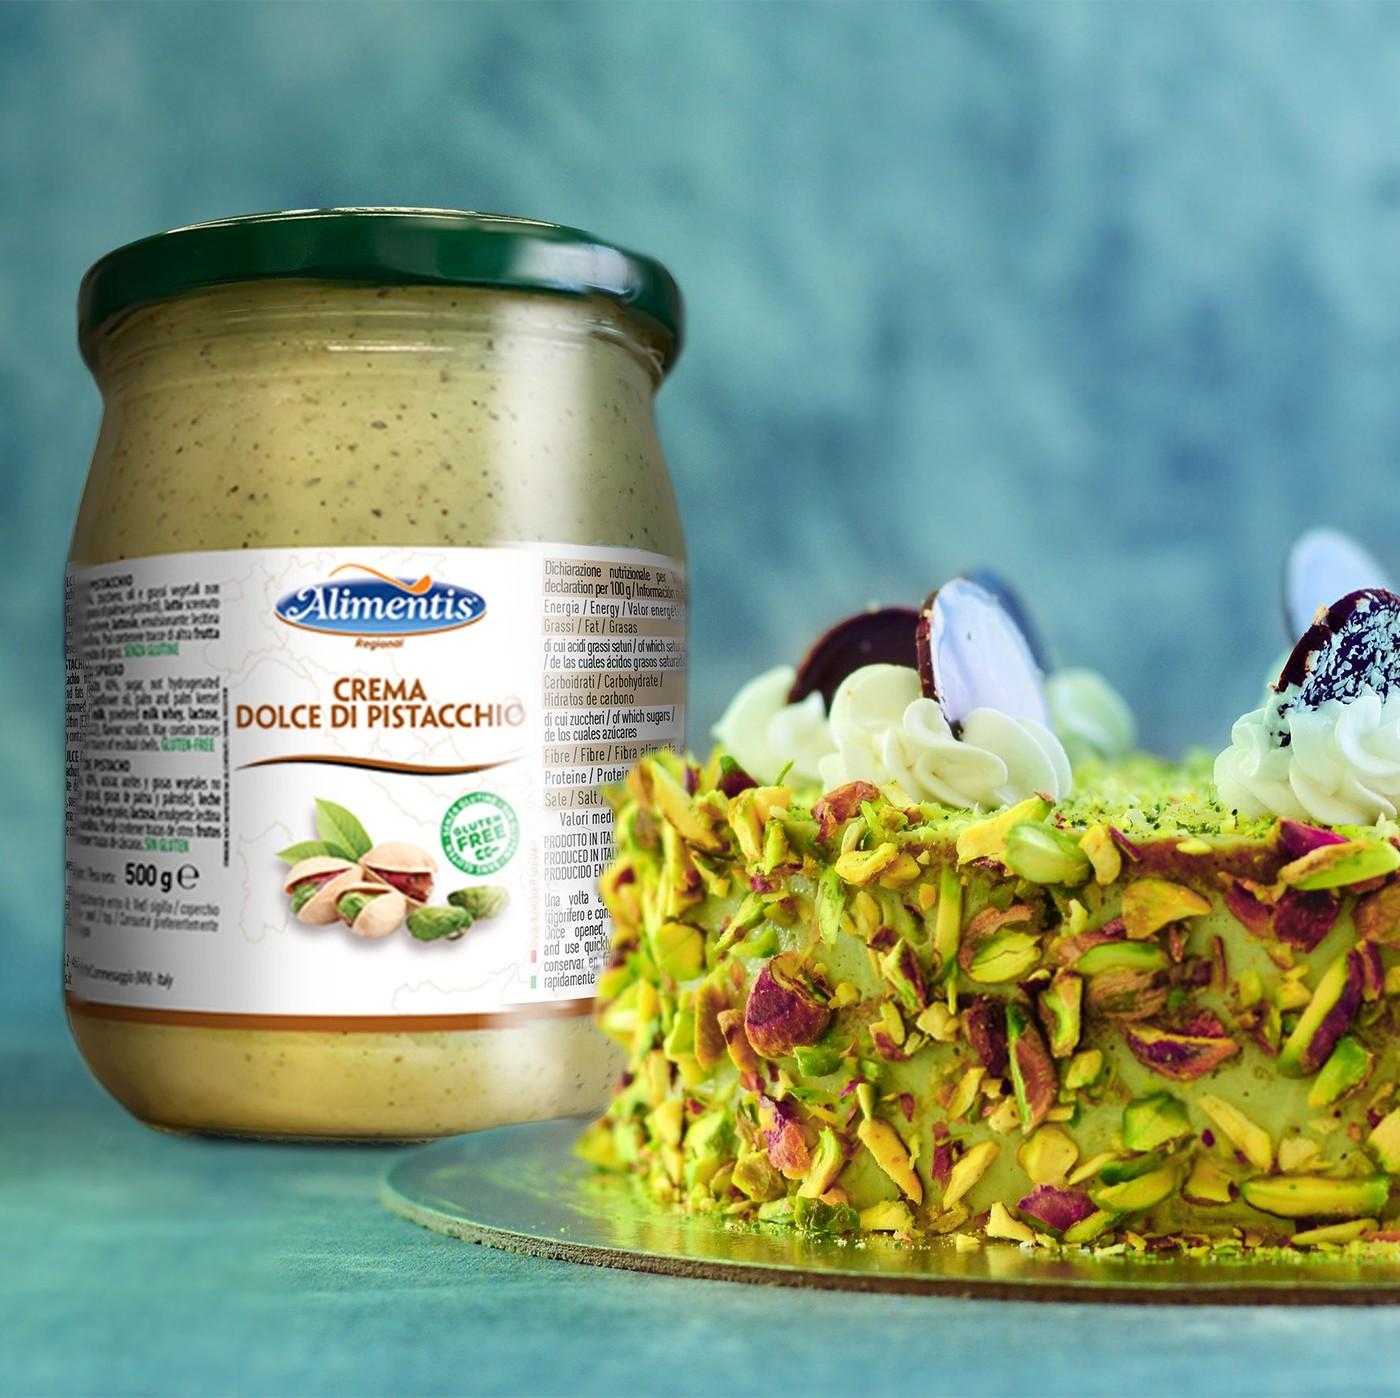 receta de Crema dulce de pistacho